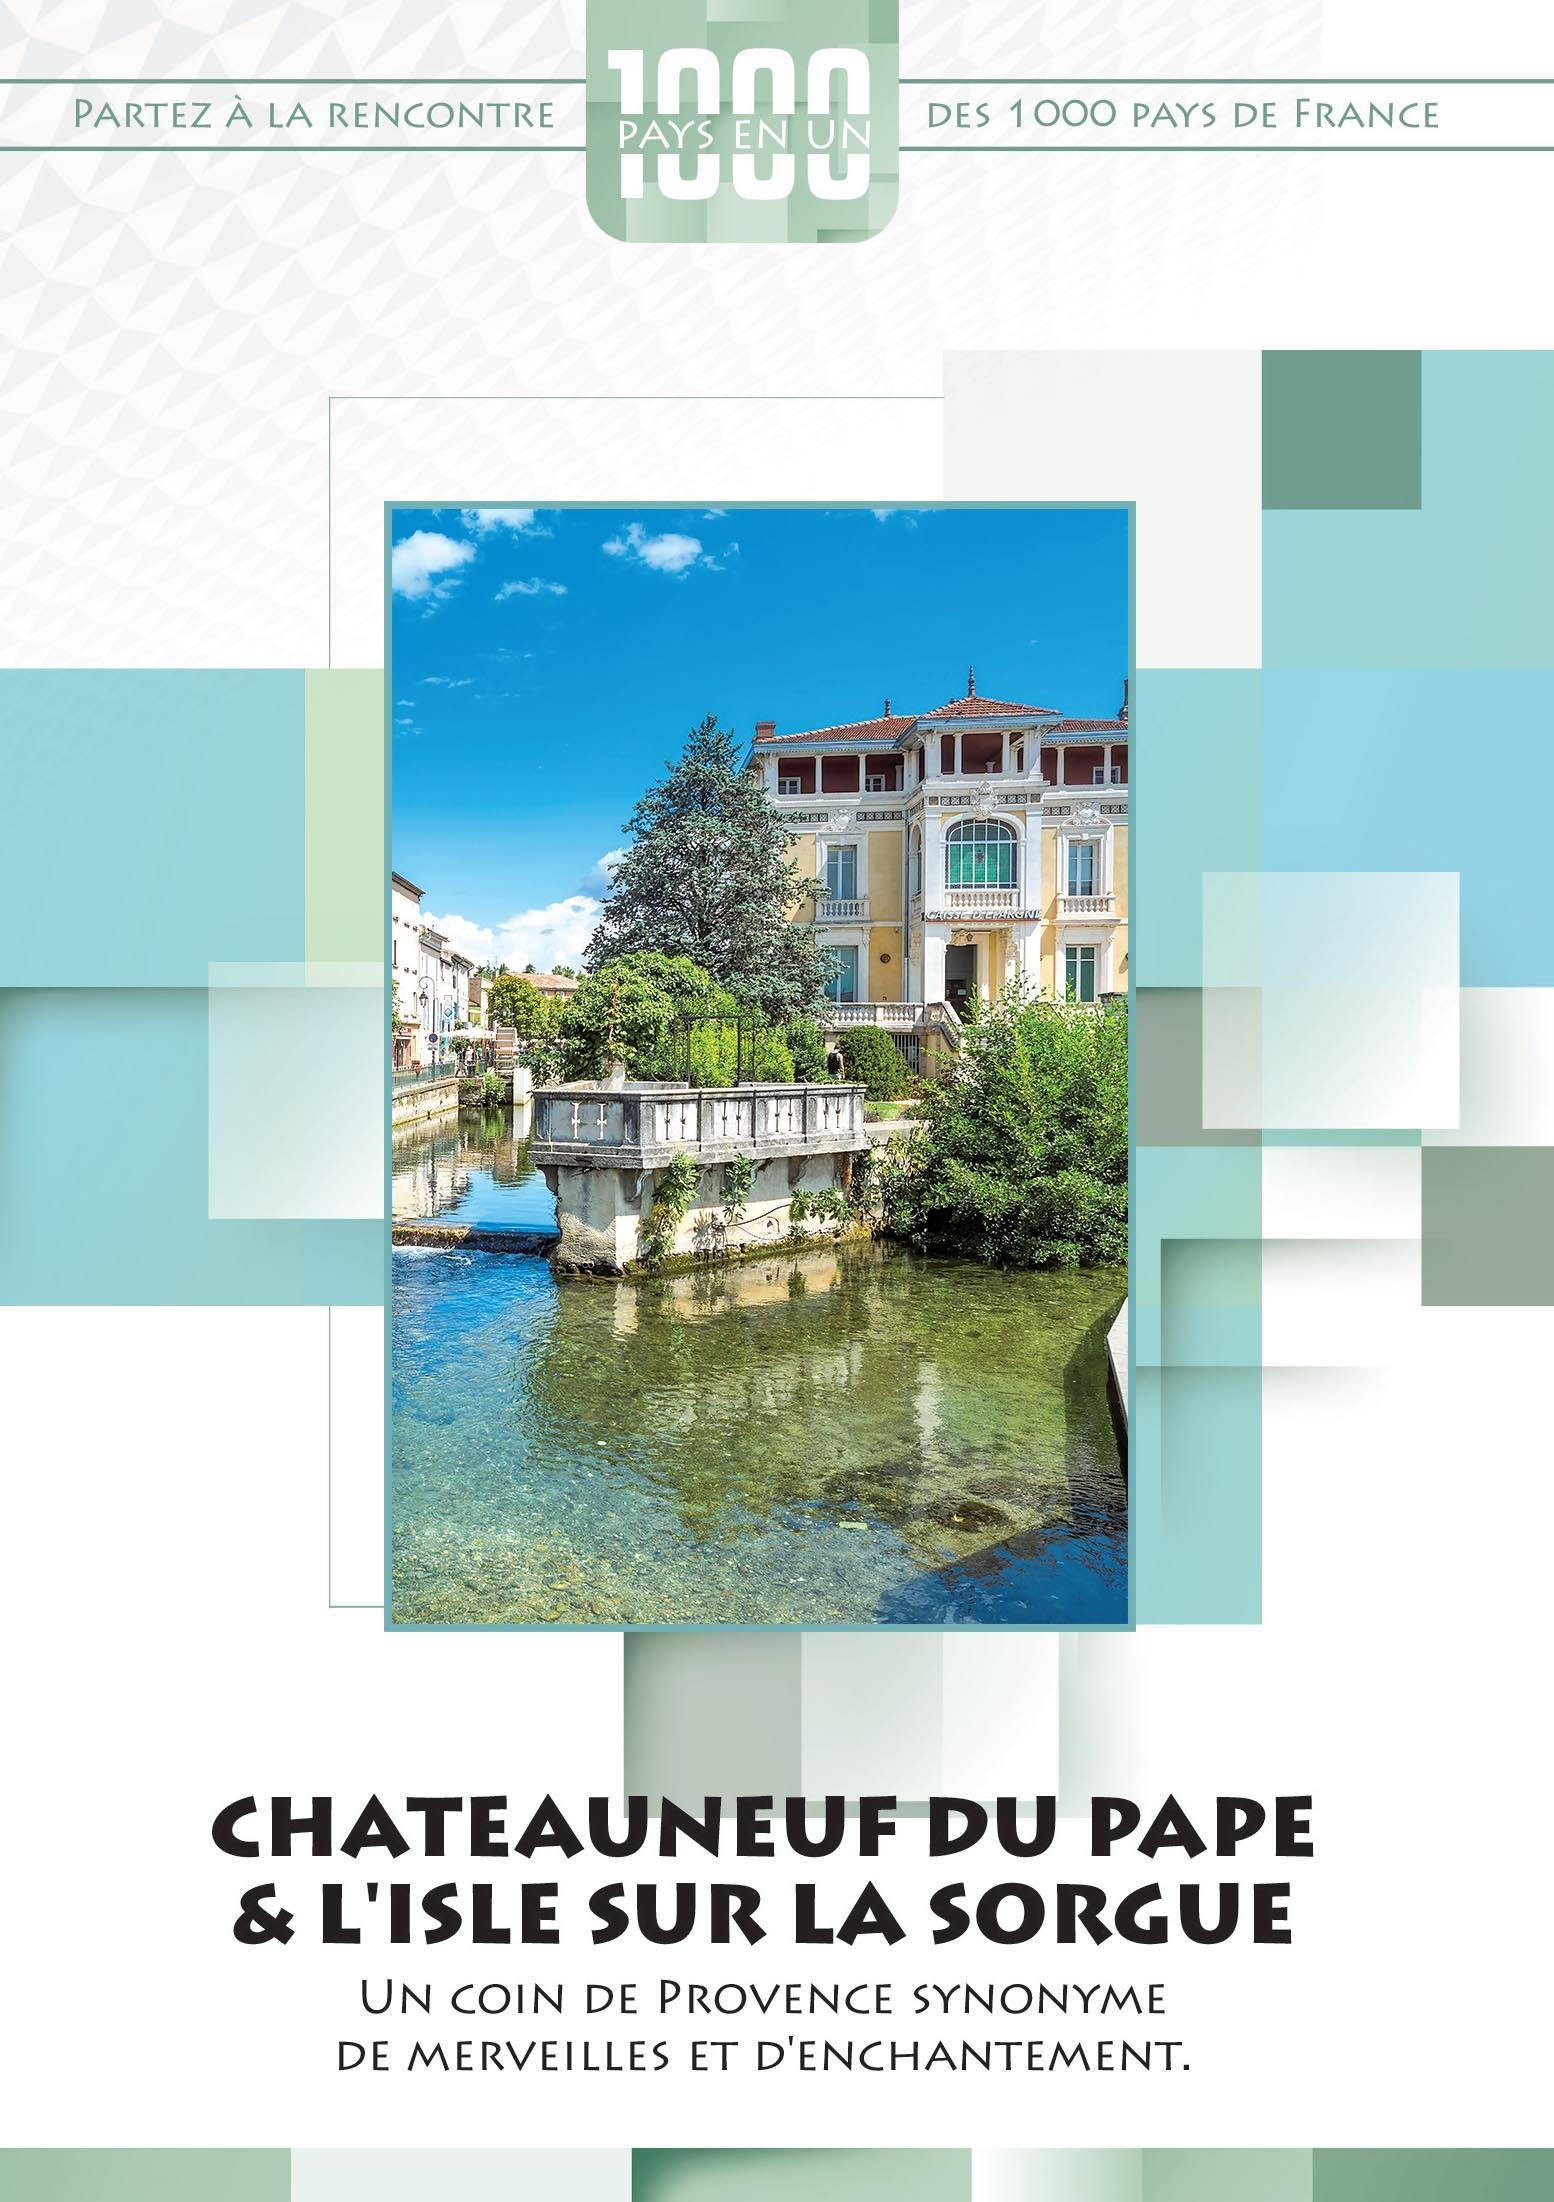 Mille pays en un- chateauneuf du pape & l'isle sur la sorgue - dvd